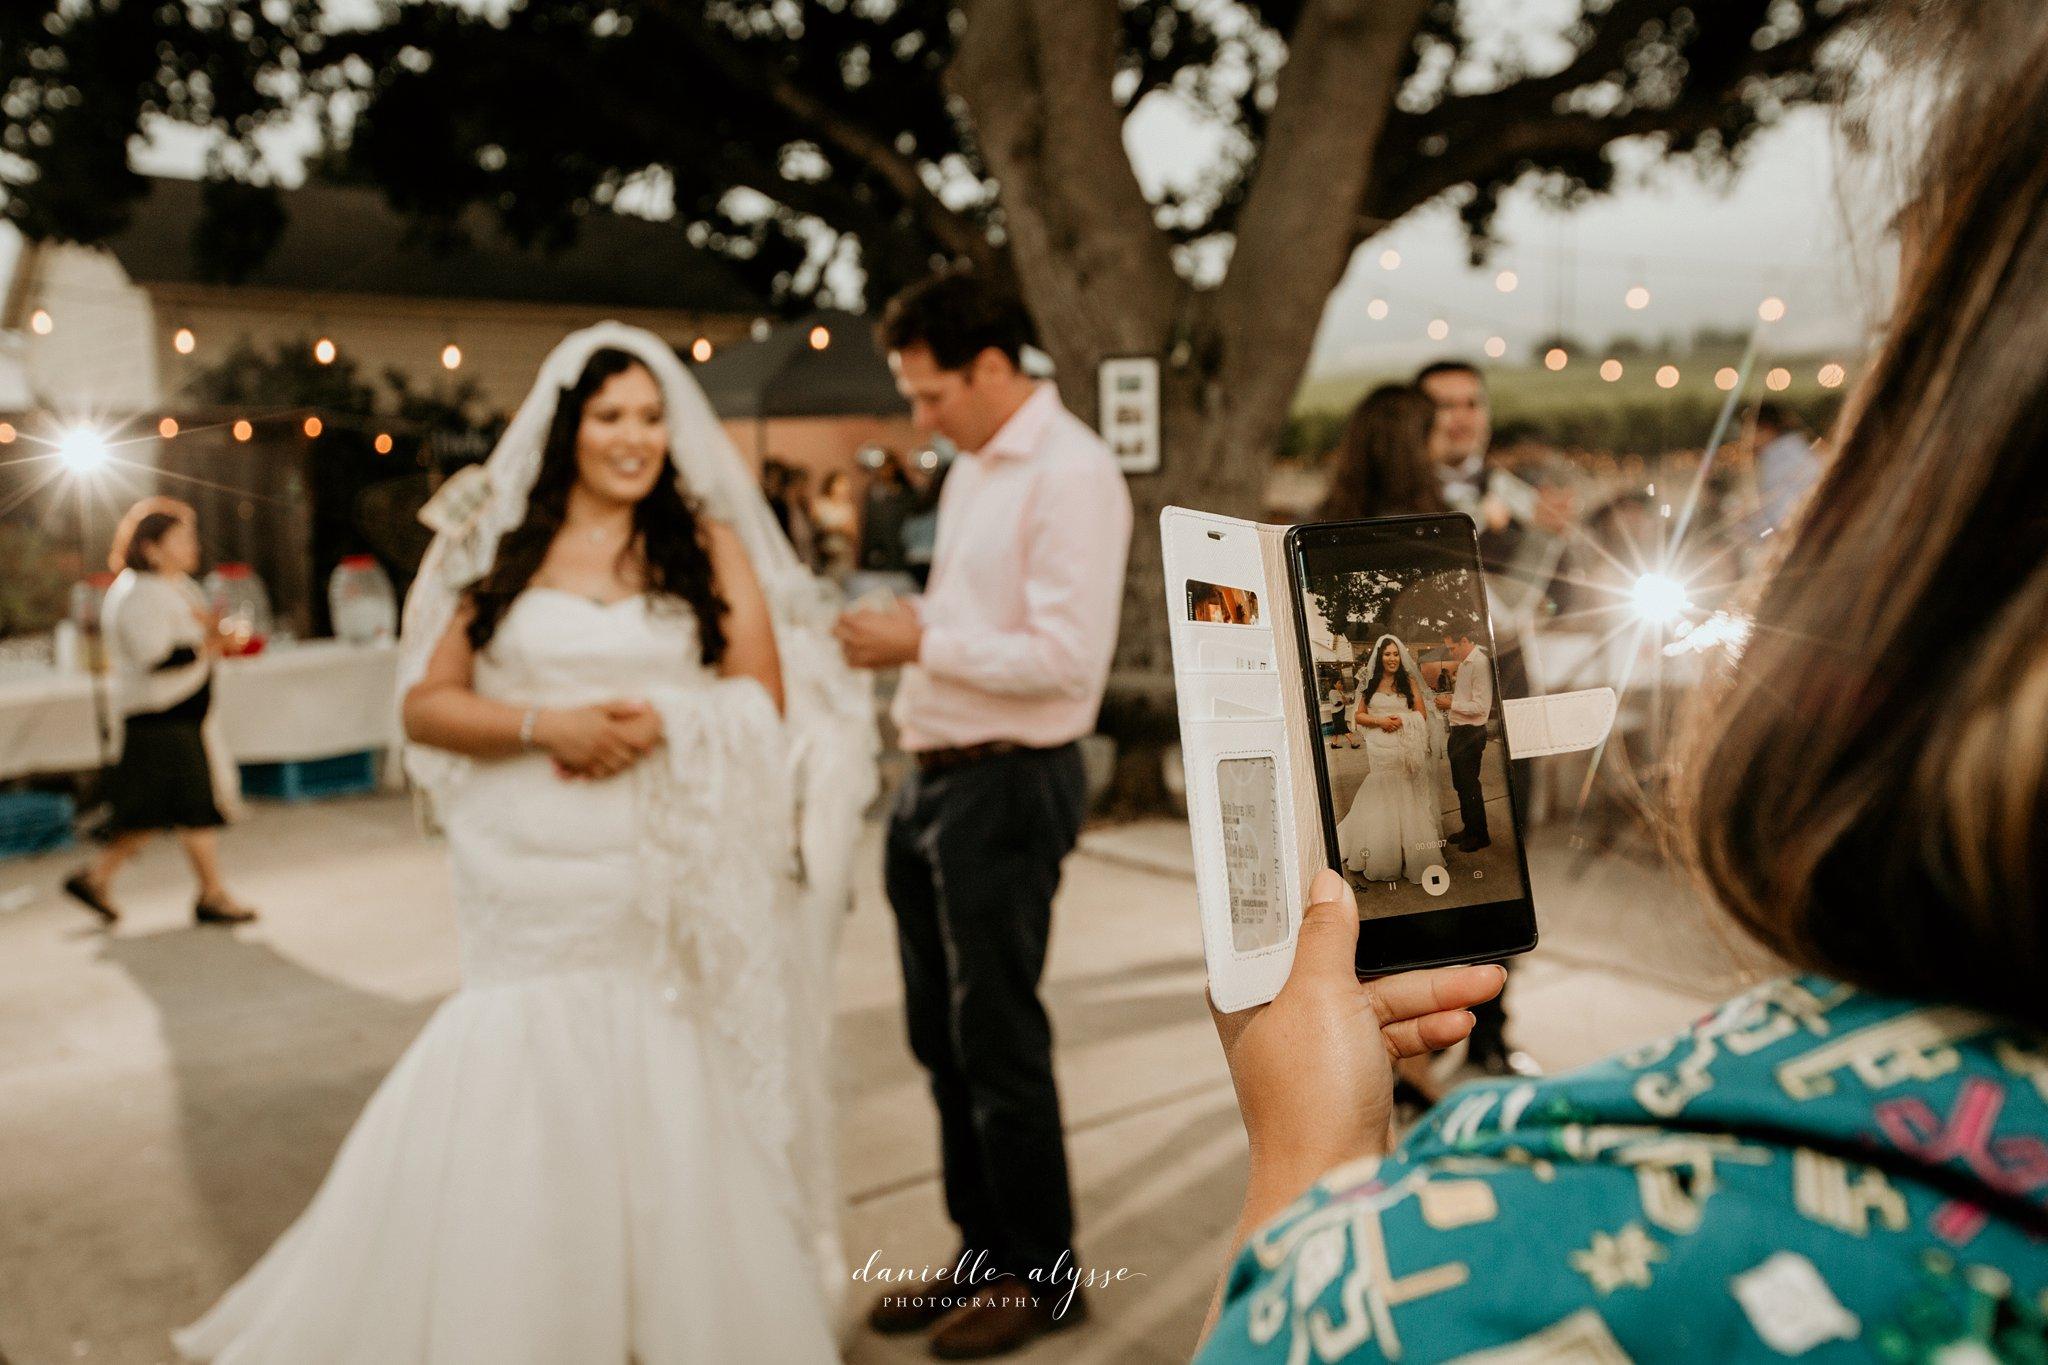 180630_wedding_lily_ryan_mission_soledad_california_danielle_alysse_photography_blog_1137_WEB.jpg